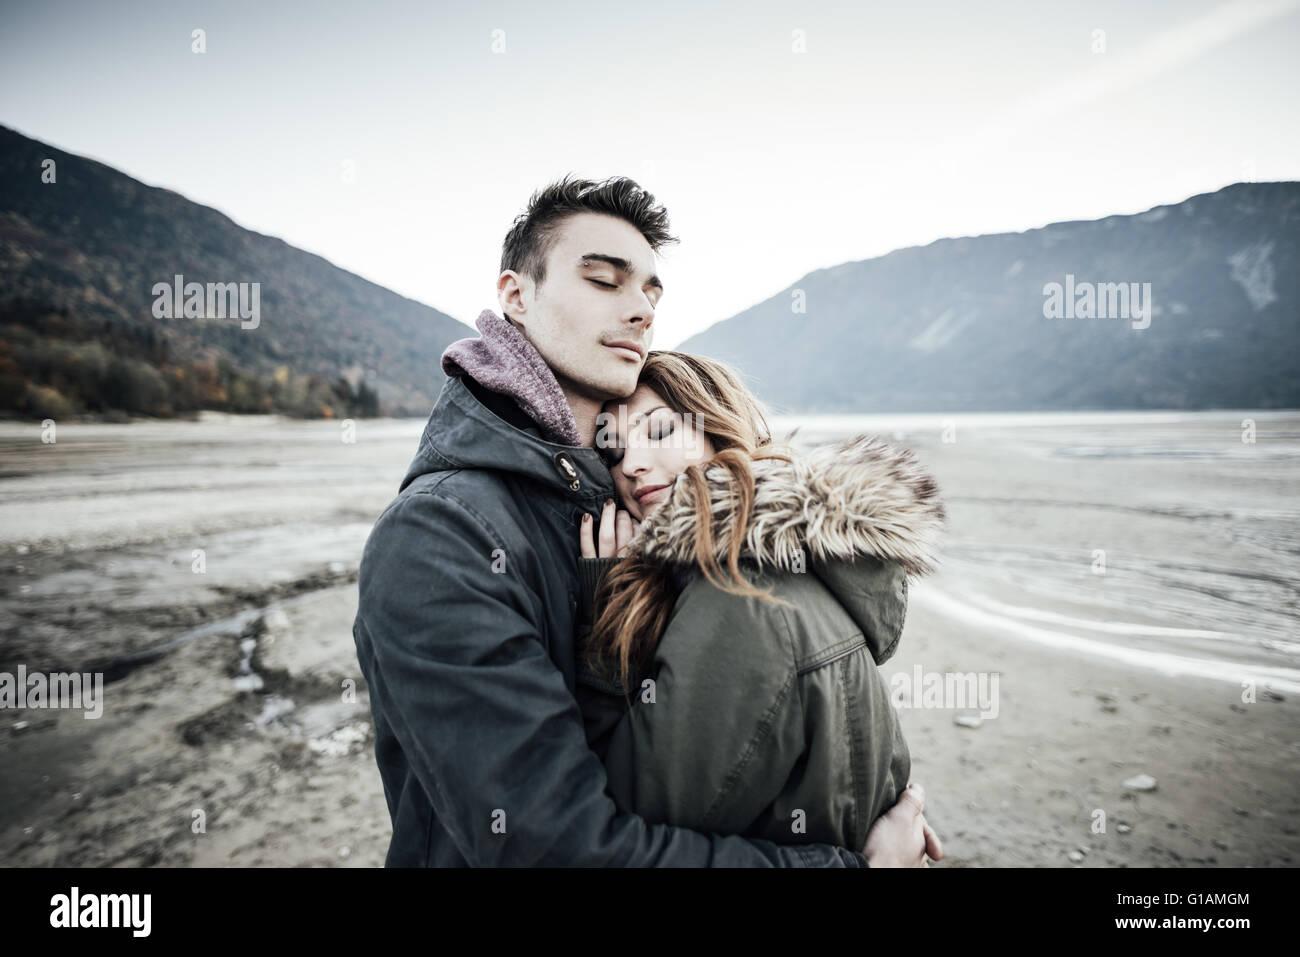 Giovane coppia amorevole abbraccio, il lago e le montagne sullo sfondo, amore e romanticismo concetto Foto Stock